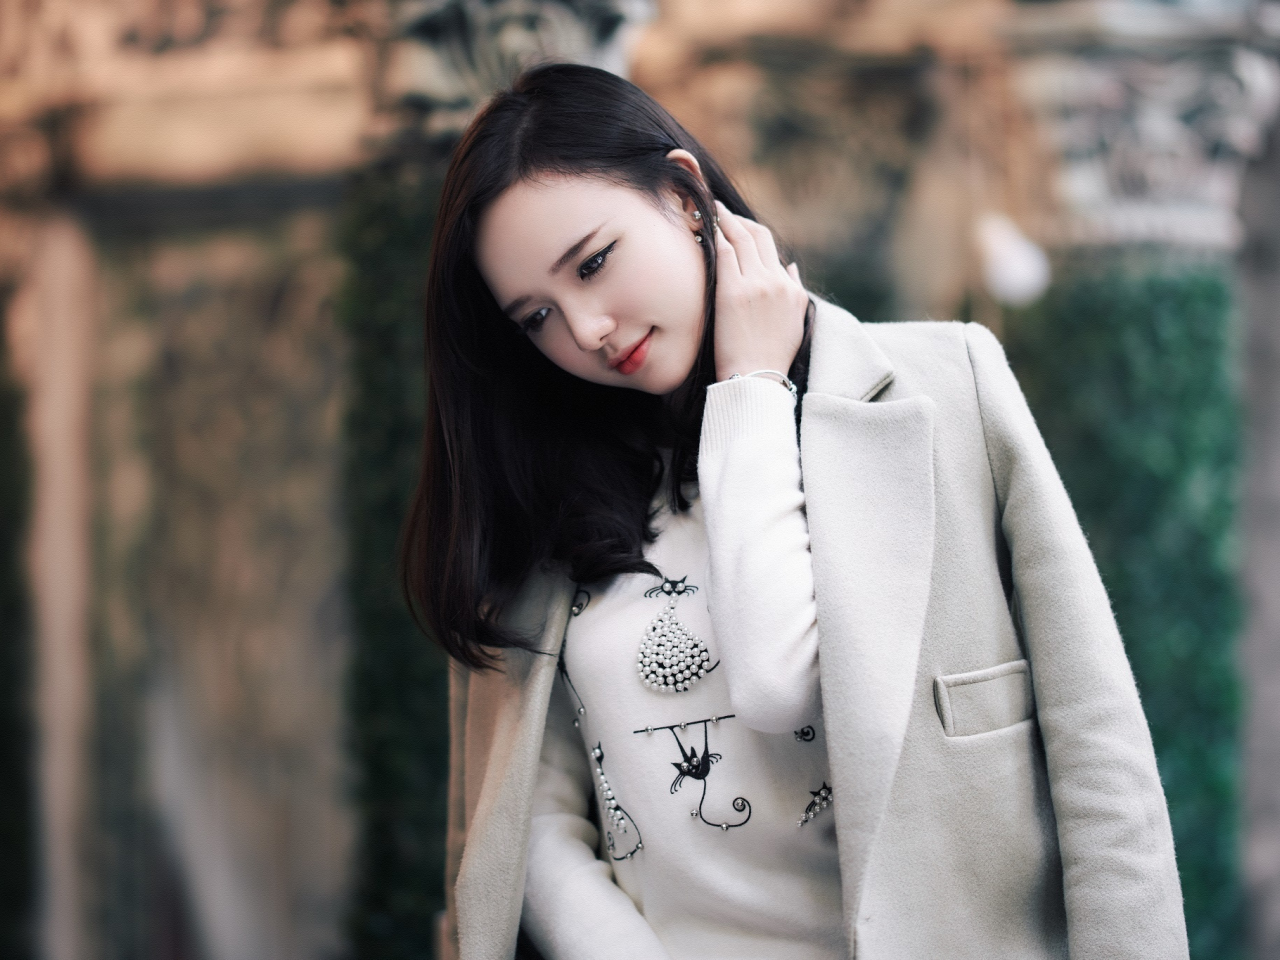 Download 1280x960 wallpaper cute and beautiful, girl model